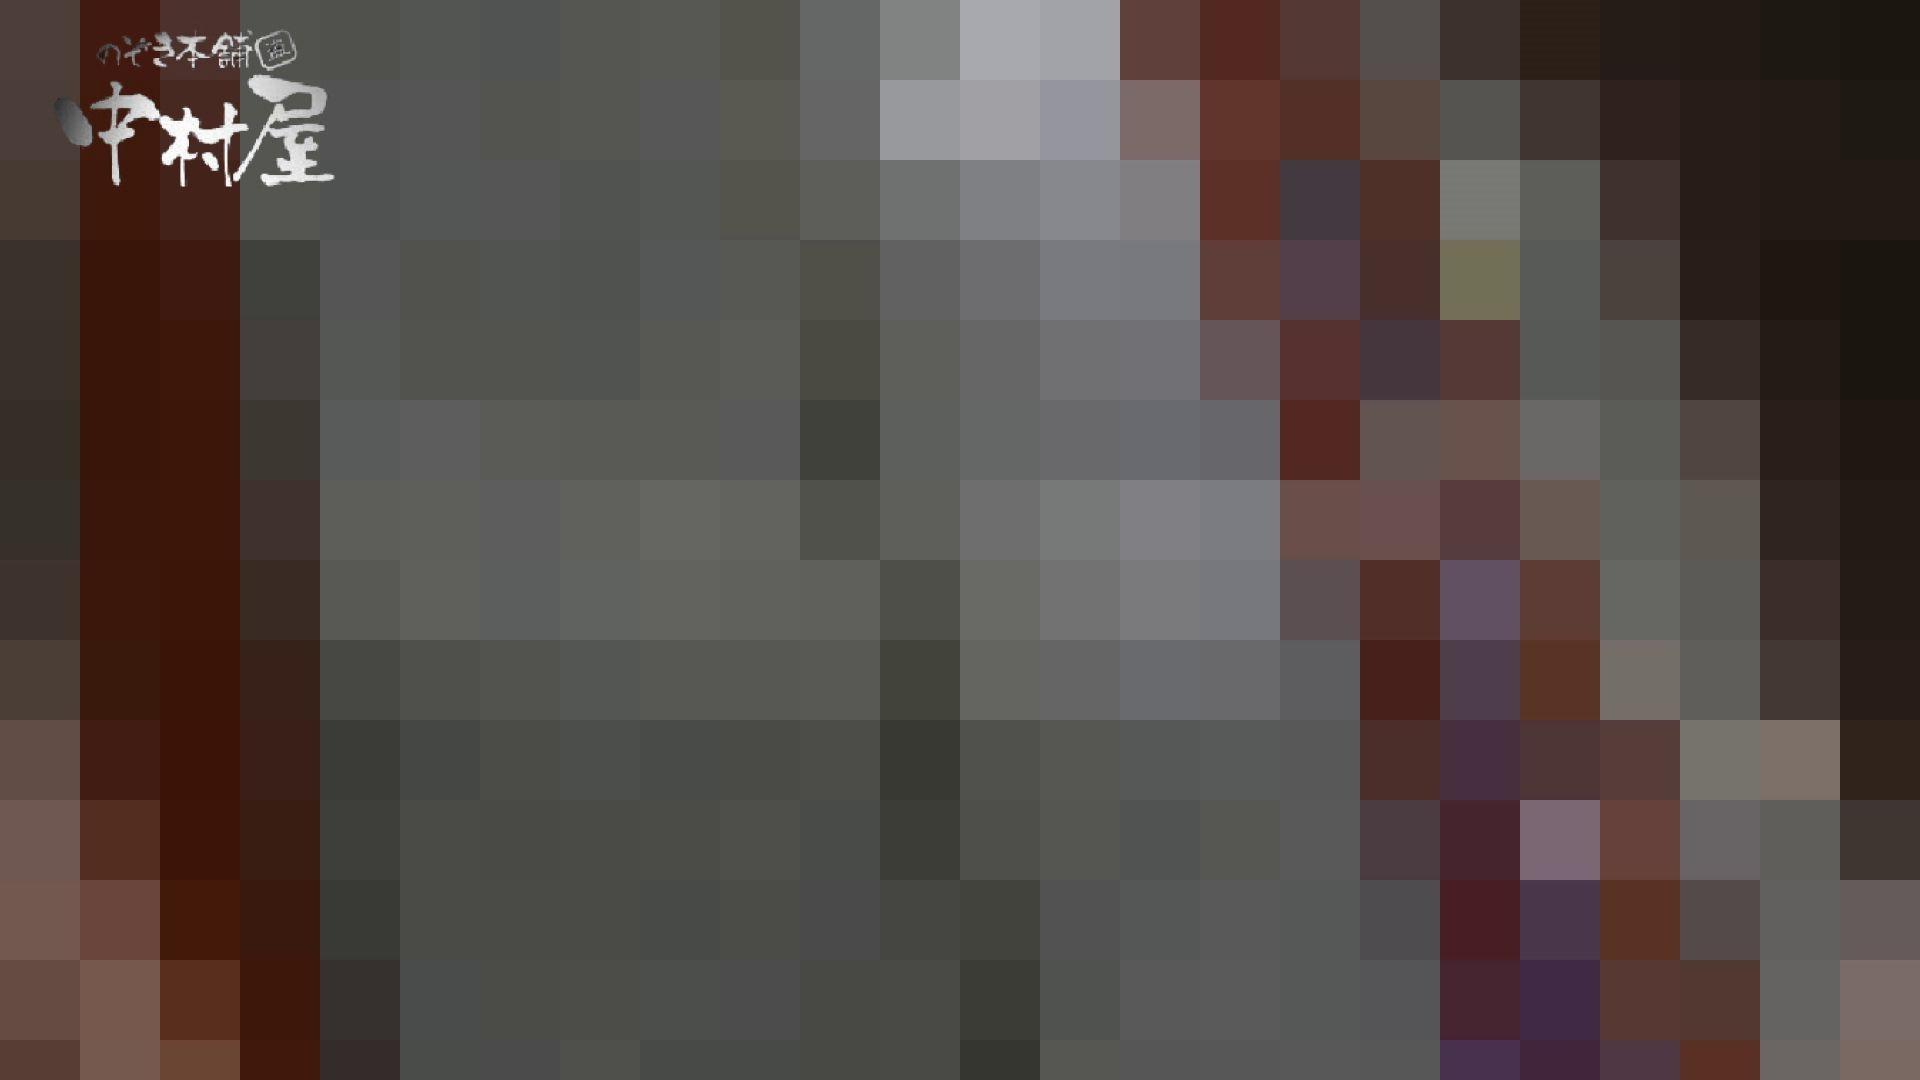 【世界の射窓から】世界の射窓から vol.18後編 洗面所  9枚 2